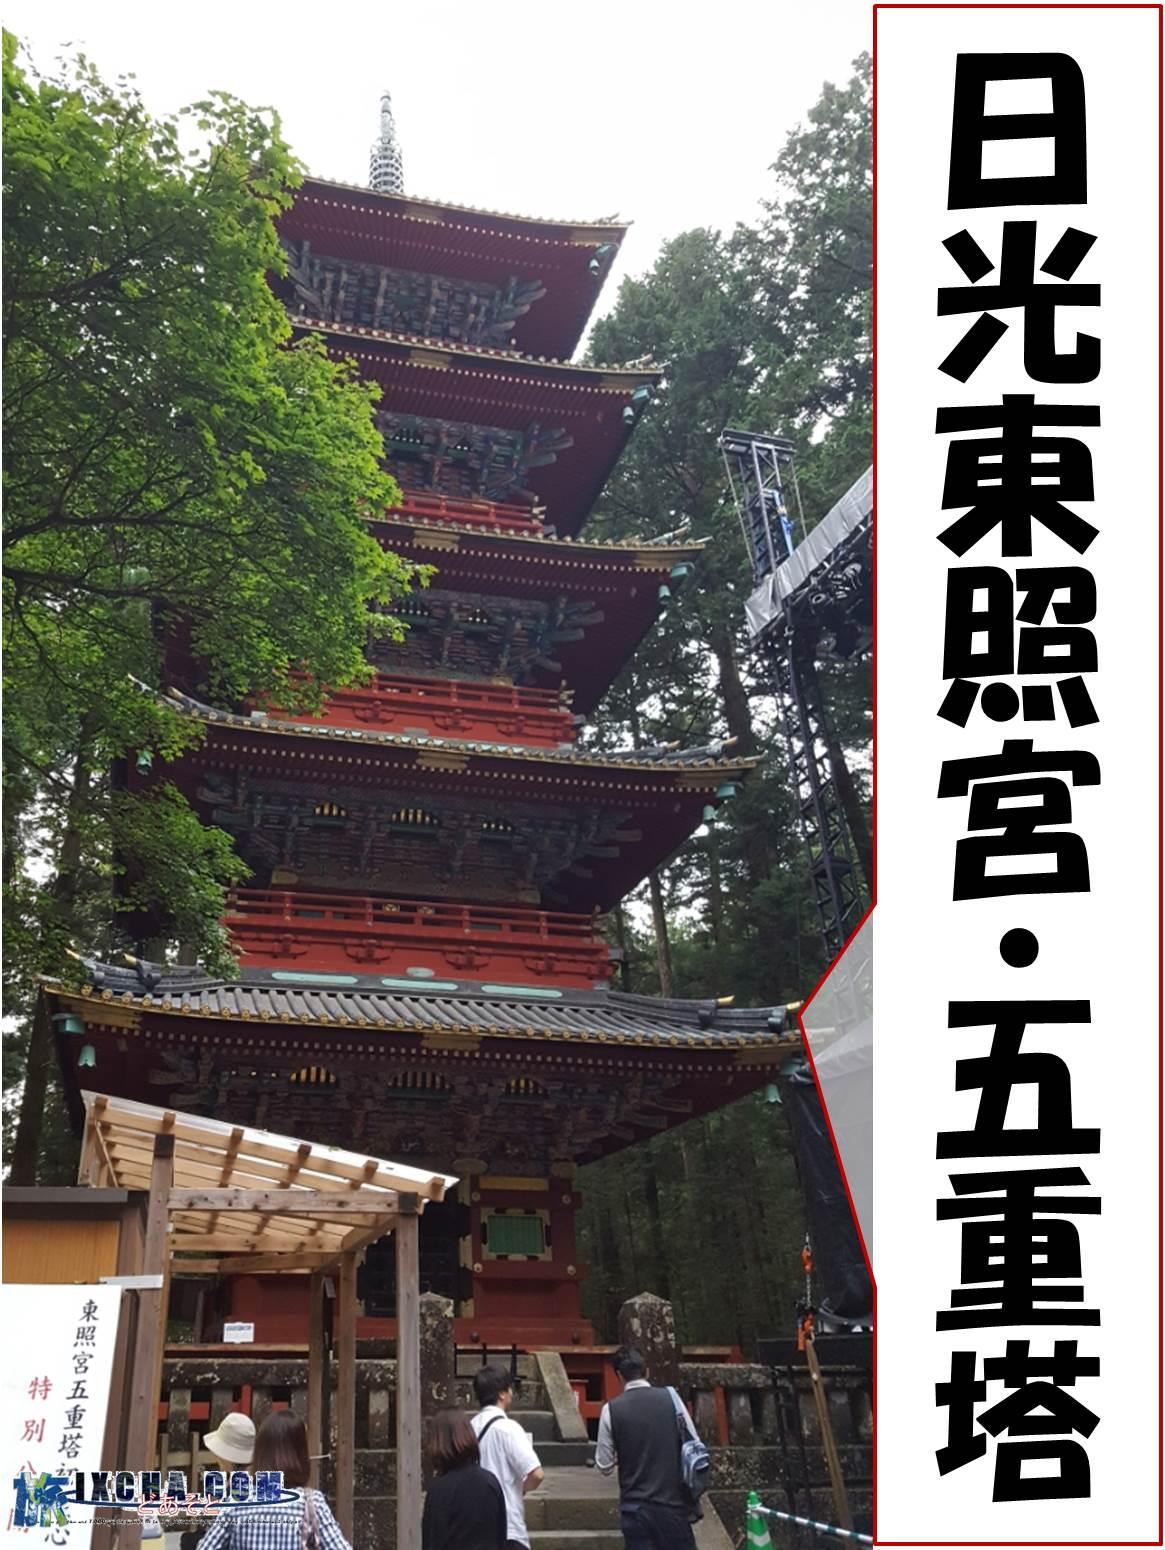 日光東照宮の境内に入って最初に目にはいる五重塔に向かいます‼日光東照宮・五重塔 この五重塔は、徳川家譜代の臣「酒井忠勝」によって慶安3年(1615年)に創建された塔で、文化12年(1815年)に落雷で1度焼失しています。 それから3年後の文政元年(1818年)に子孫で十代藩主・酒井忠進によって再建されたものです。 高さは36㍍程あり、塔の真ん中を通る懸垂式の心柱は、当時の優れた免震技術とも言われスカイツリーにも技術が応用されたと言われます。 地面から10㎝の高さにぶら下がっているのが床下の隙間から見学する事が出来ます。